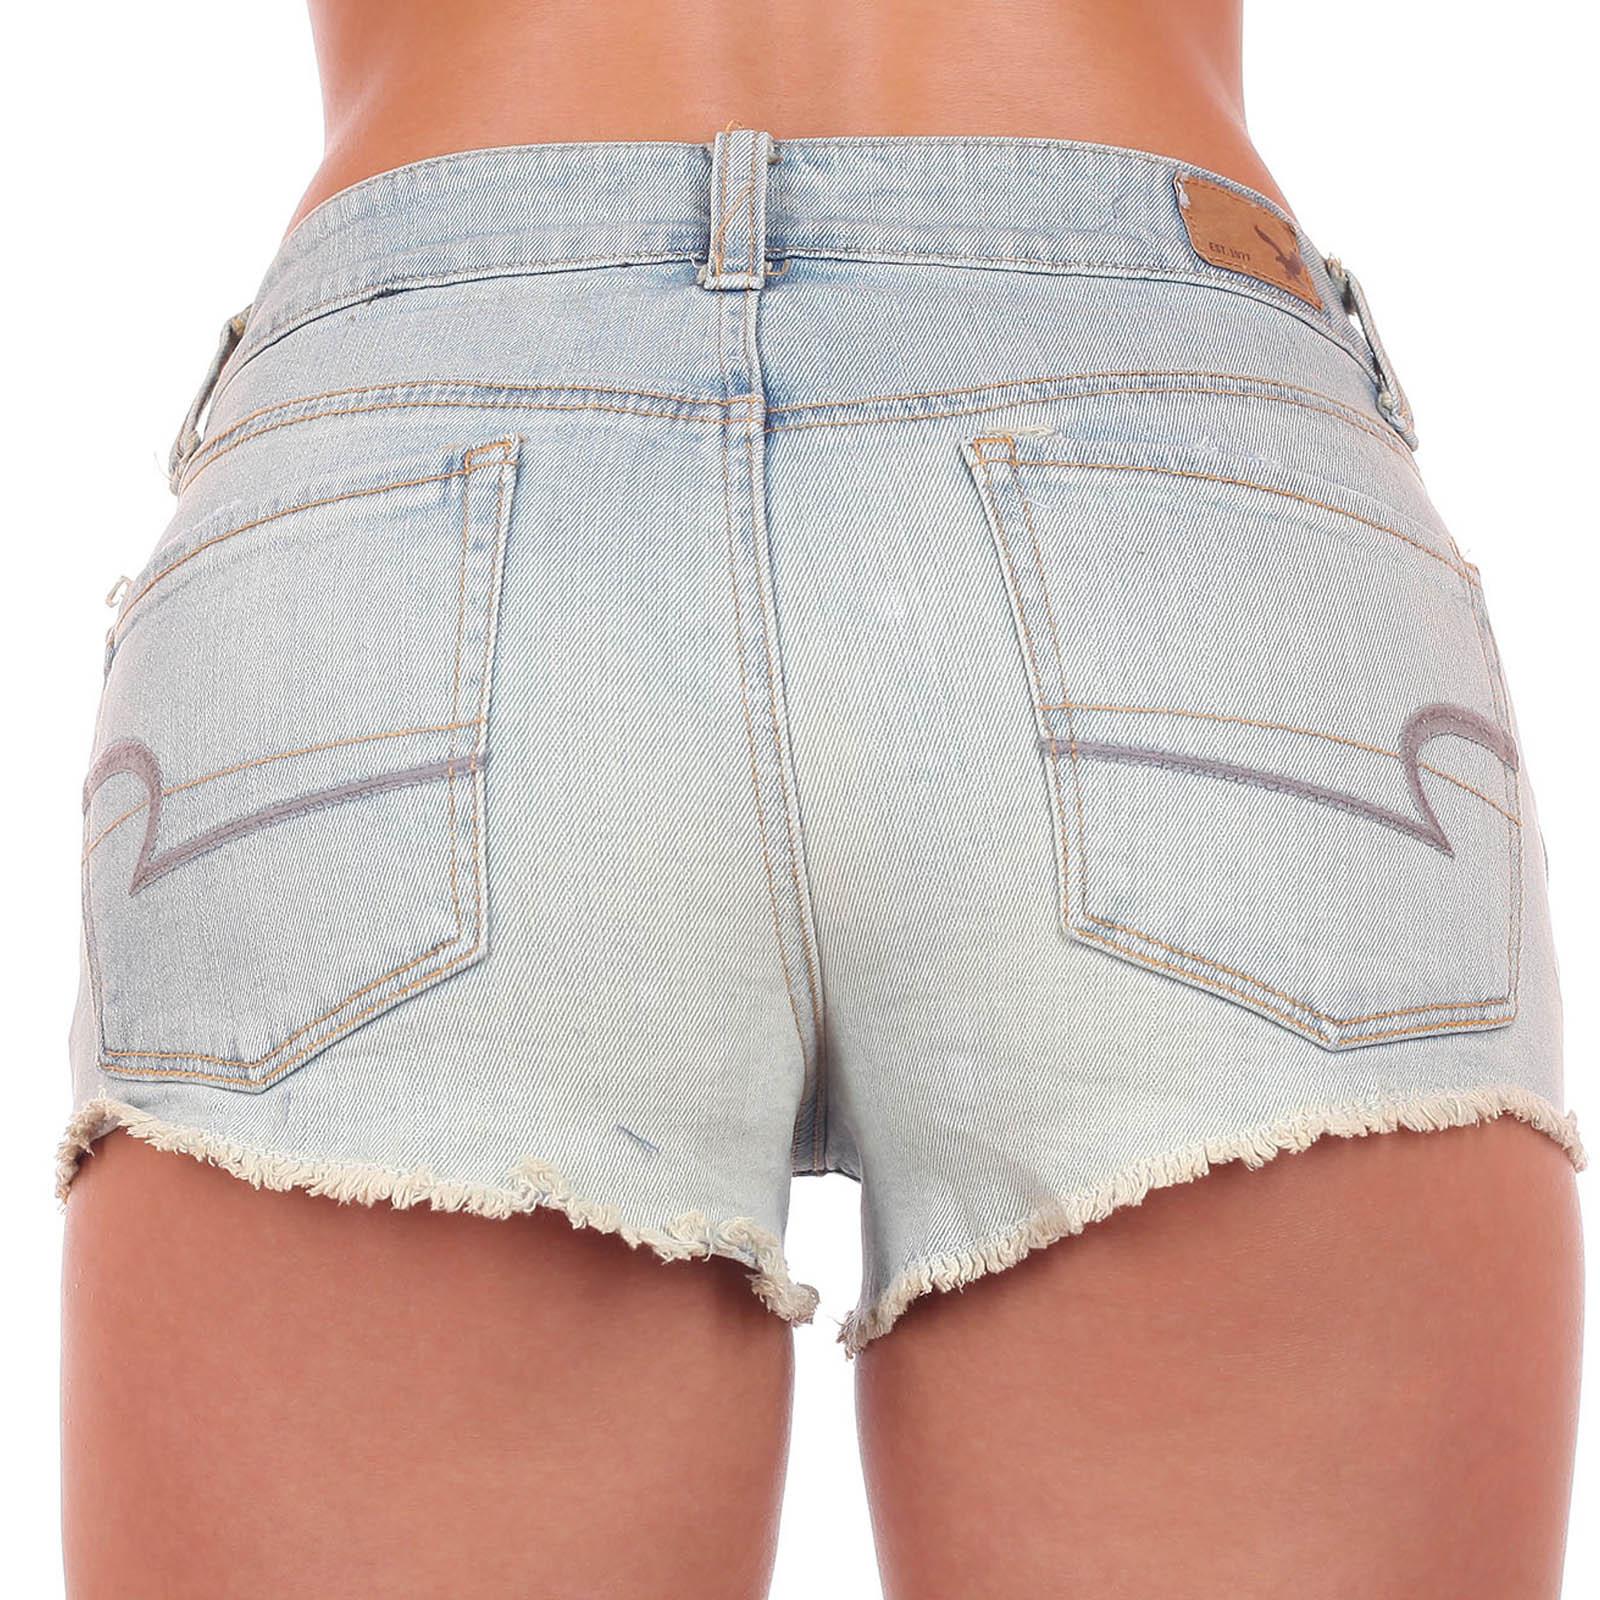 Заказать сногсшибательные джинсовые шортики